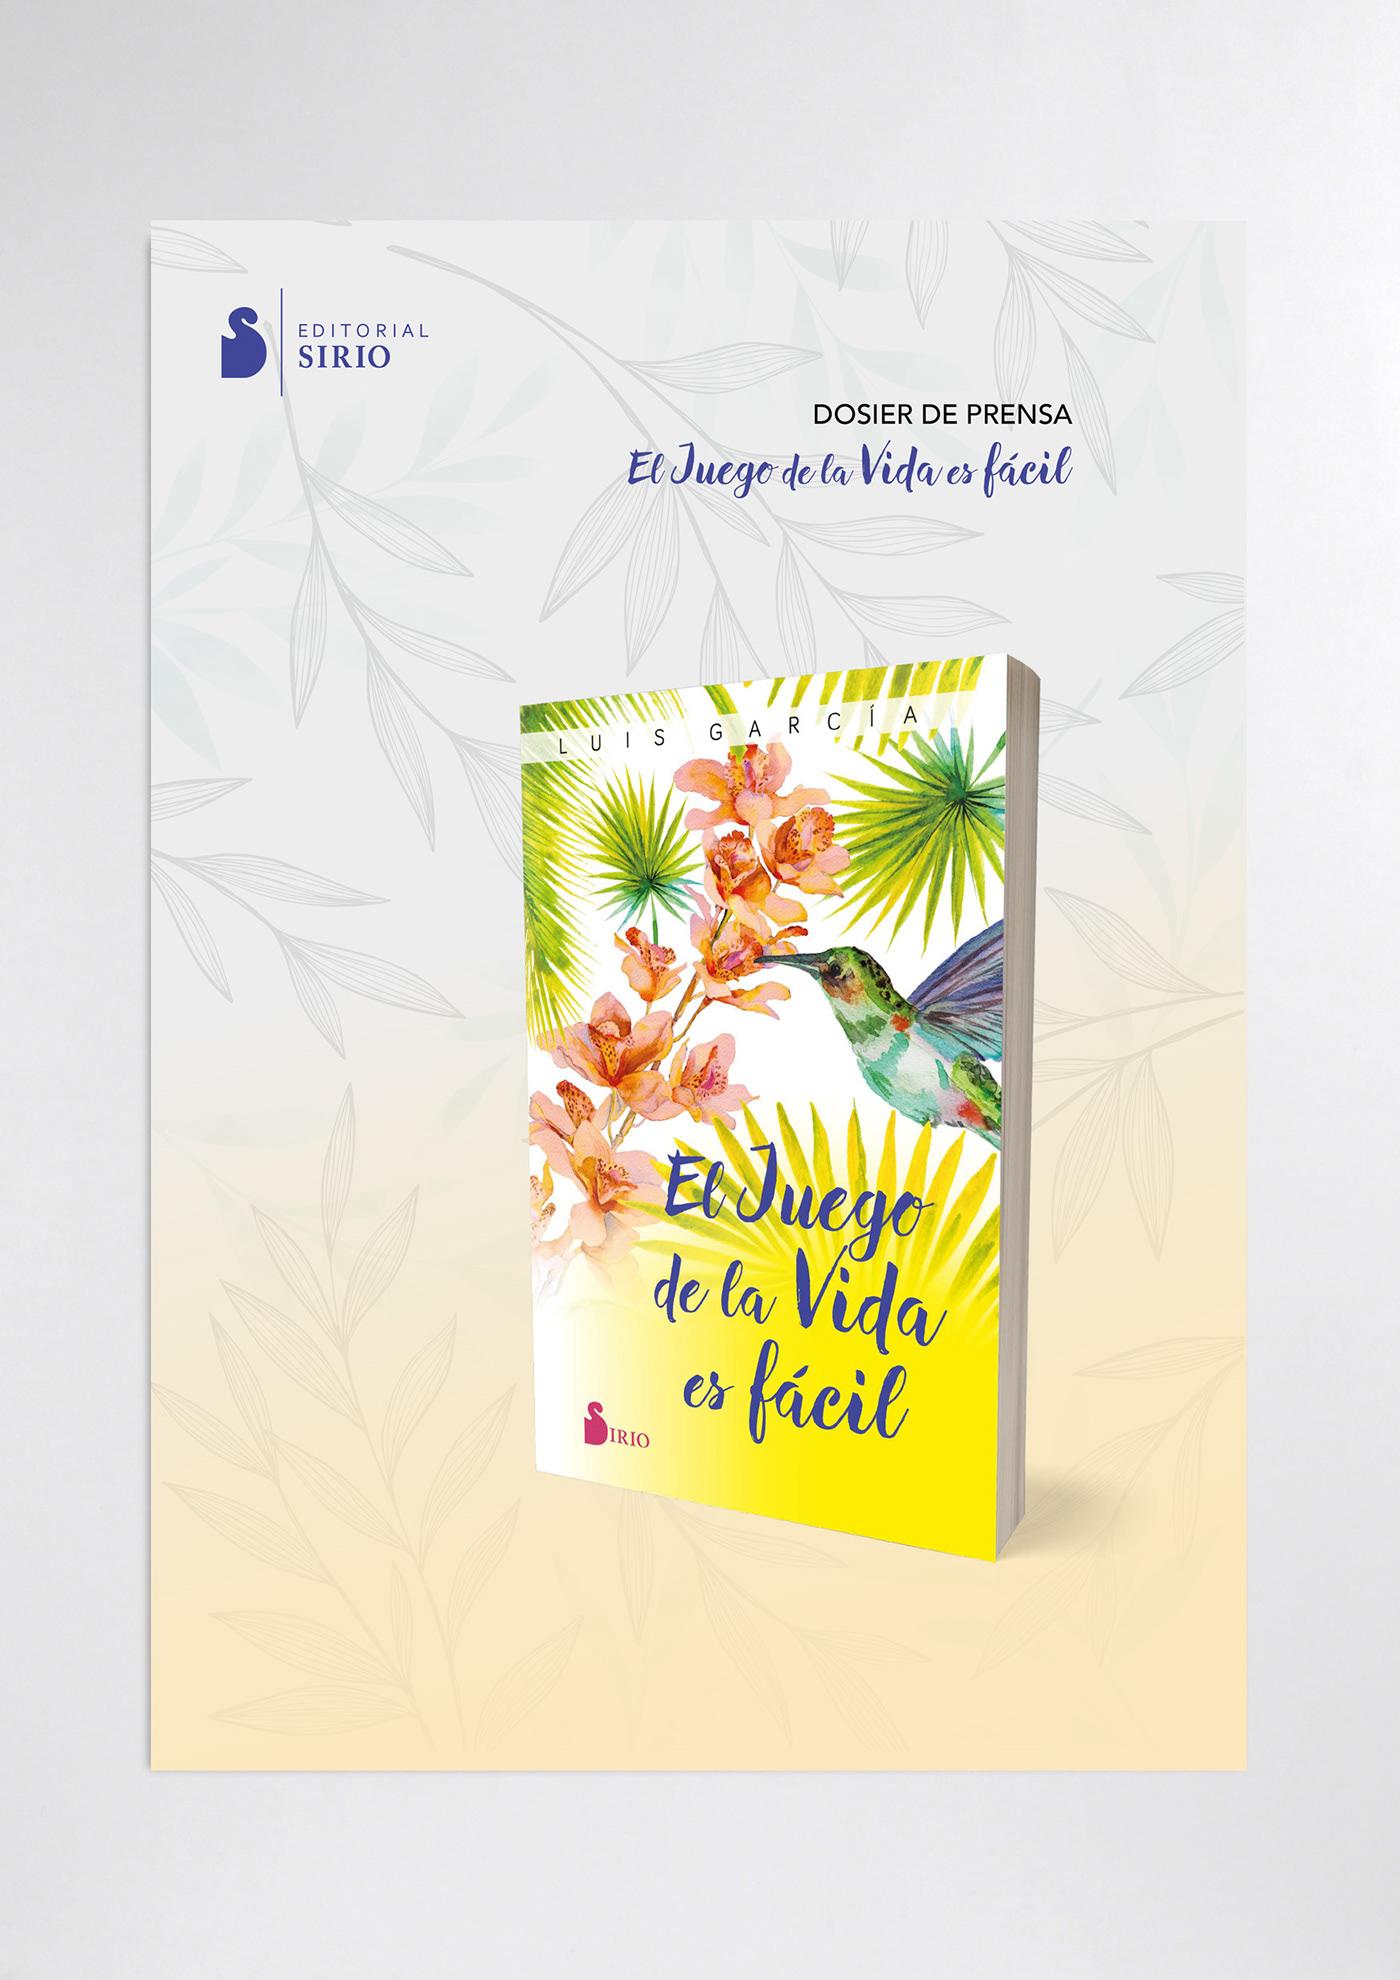 diseñoeditorial editorial InDesign libro maquetación